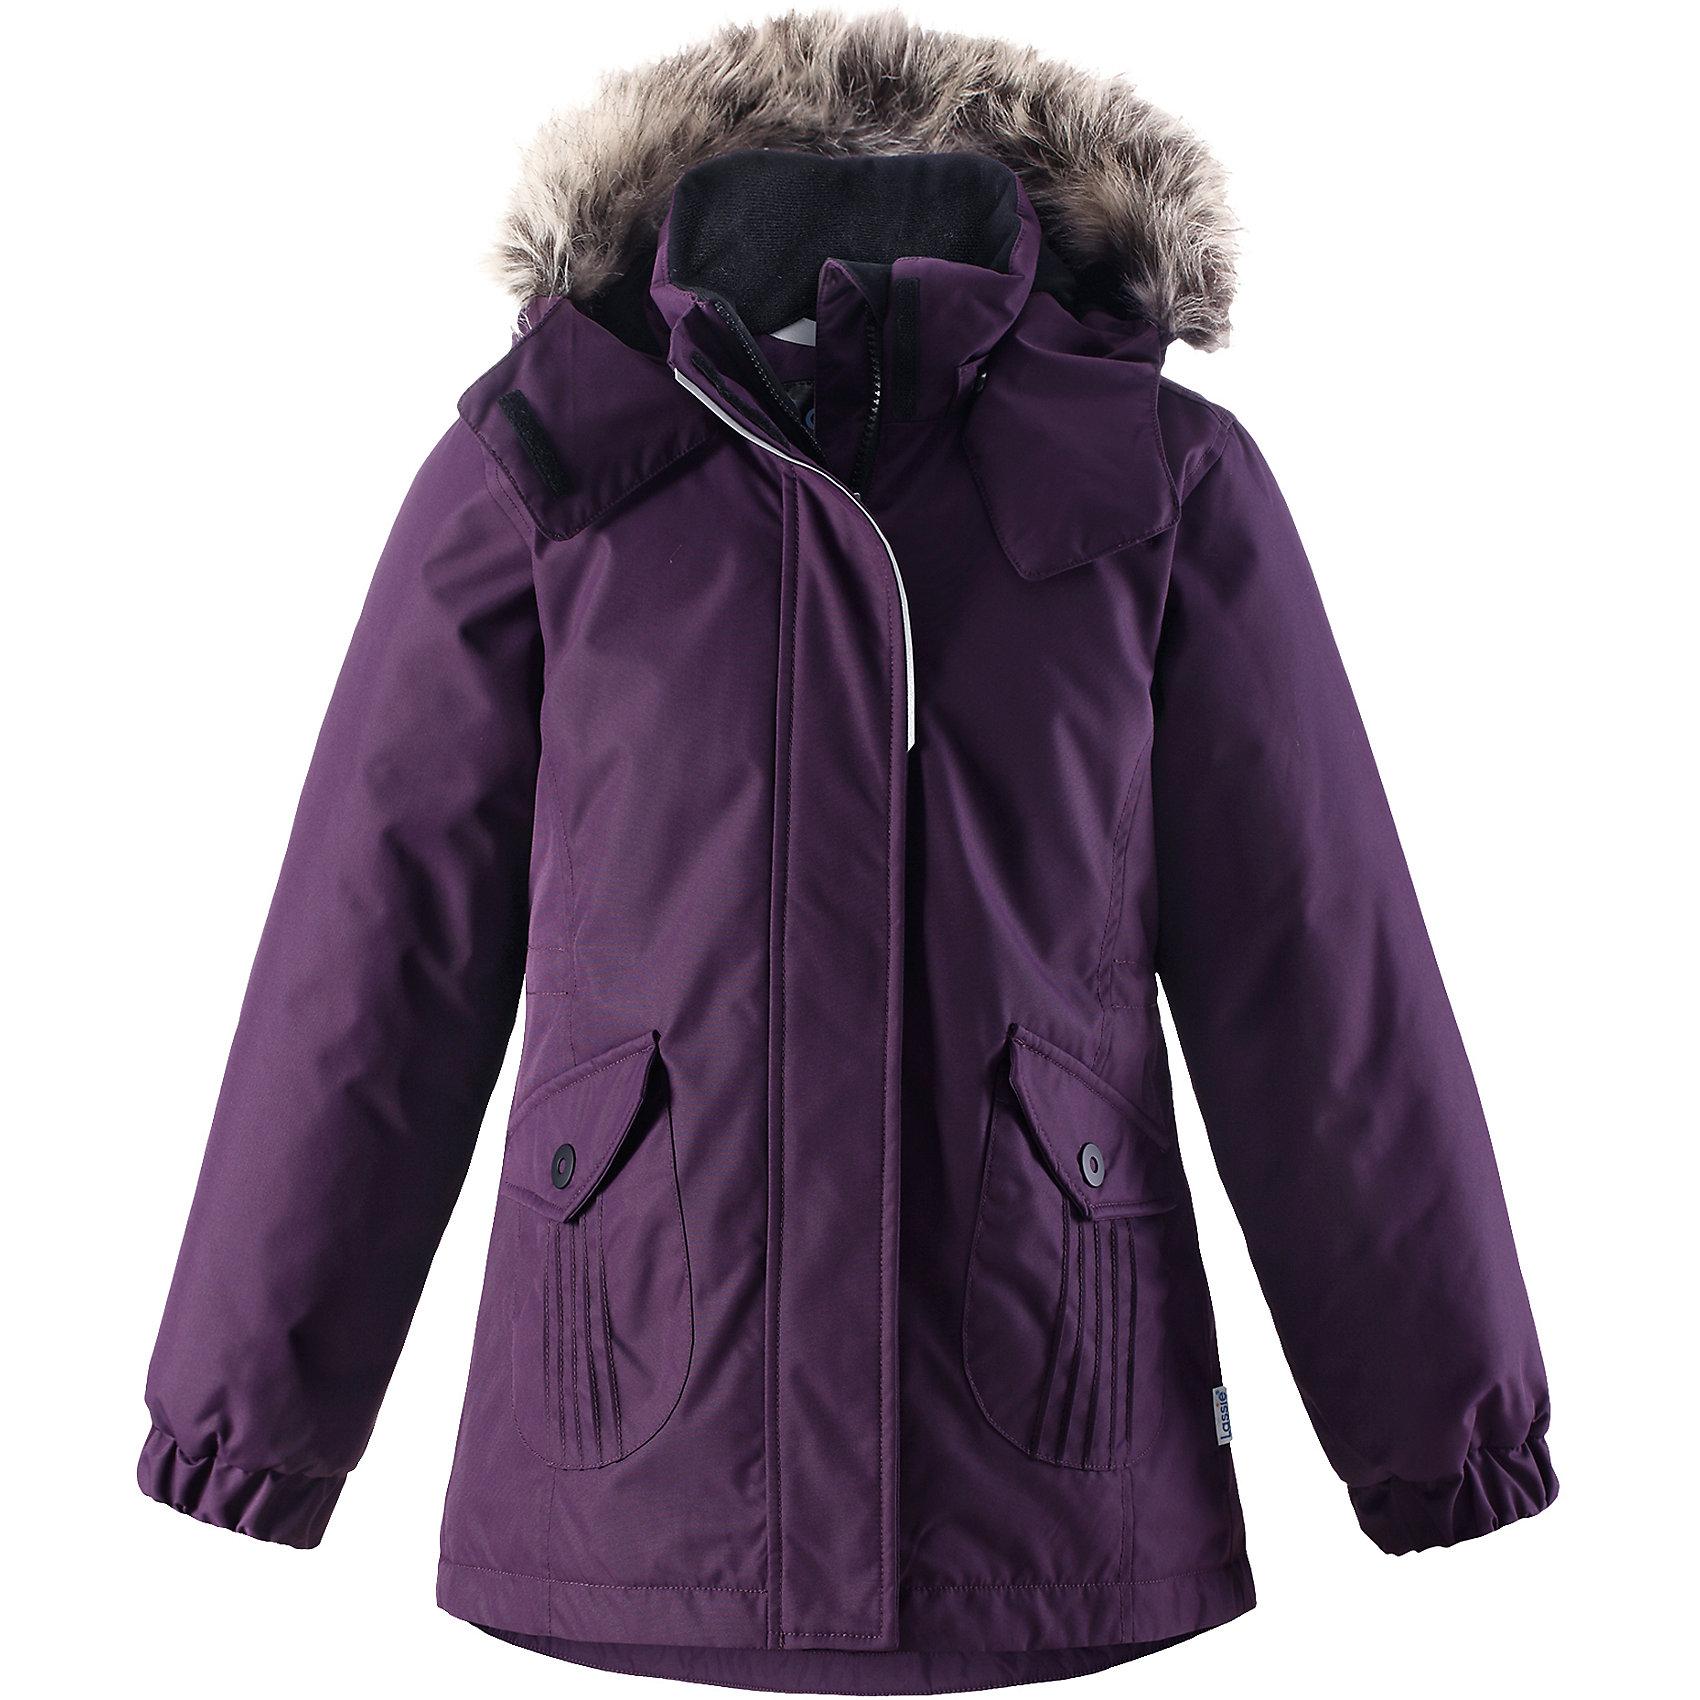 Куртка Lassie для девочкиОдежда<br>В этой стильной детской зимней куртке любители прогулок будут так хорошо выглядеть, а еще им будет очень тепло! Удлиненная модель для девочек, спереди оснащенная большими карманами с клапанами. Куртка изготовлена из ветронепроницаемого, дышащего материала с верхним водо- и грязеотталкивающим слоем – в ней будет тепло и комфортно во время веселых прогулок. Образ дополняют полезные и продуманные детали: карманы на липучках и безопасный съемный капюшон со съемной оторочкой из искусственного меха.<br>Состав:<br>100% Полиэстер<br><br>Ширина мм: 356<br>Глубина мм: 10<br>Высота мм: 245<br>Вес г: 519<br>Цвет: лиловый<br>Возраст от месяцев: 96<br>Возраст до месяцев: 108<br>Пол: Женский<br>Возраст: Детский<br>Размер: 134,140,92,98,104,110,116,122,128<br>SKU: 6927541